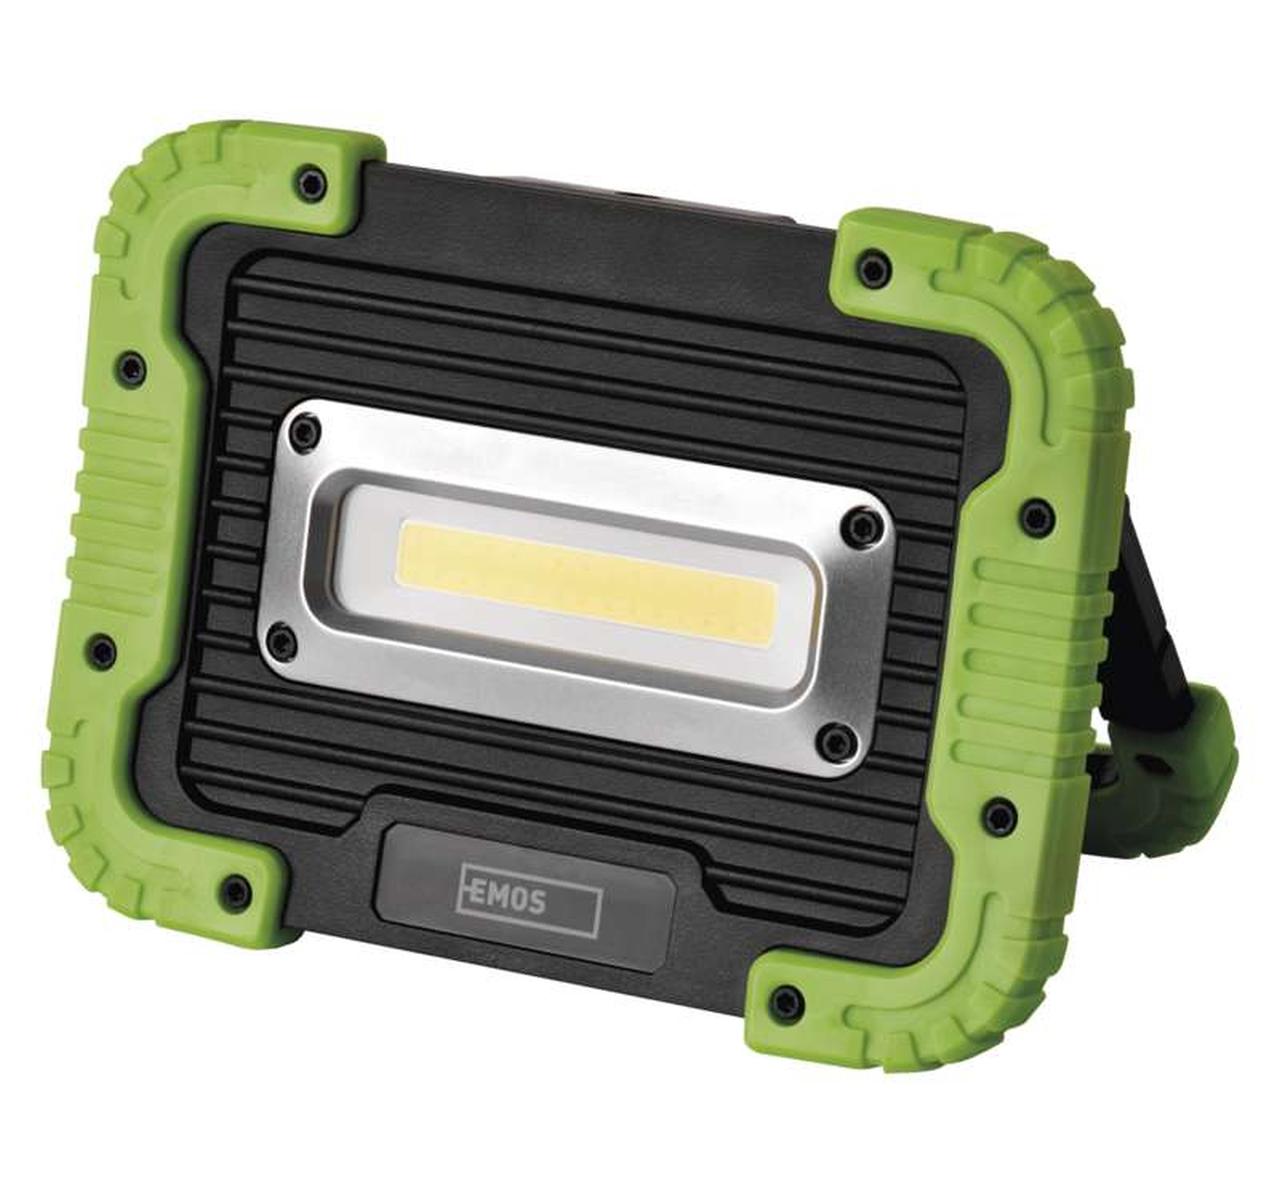 EMOS Nabíjací LED reflektor 5W P4534